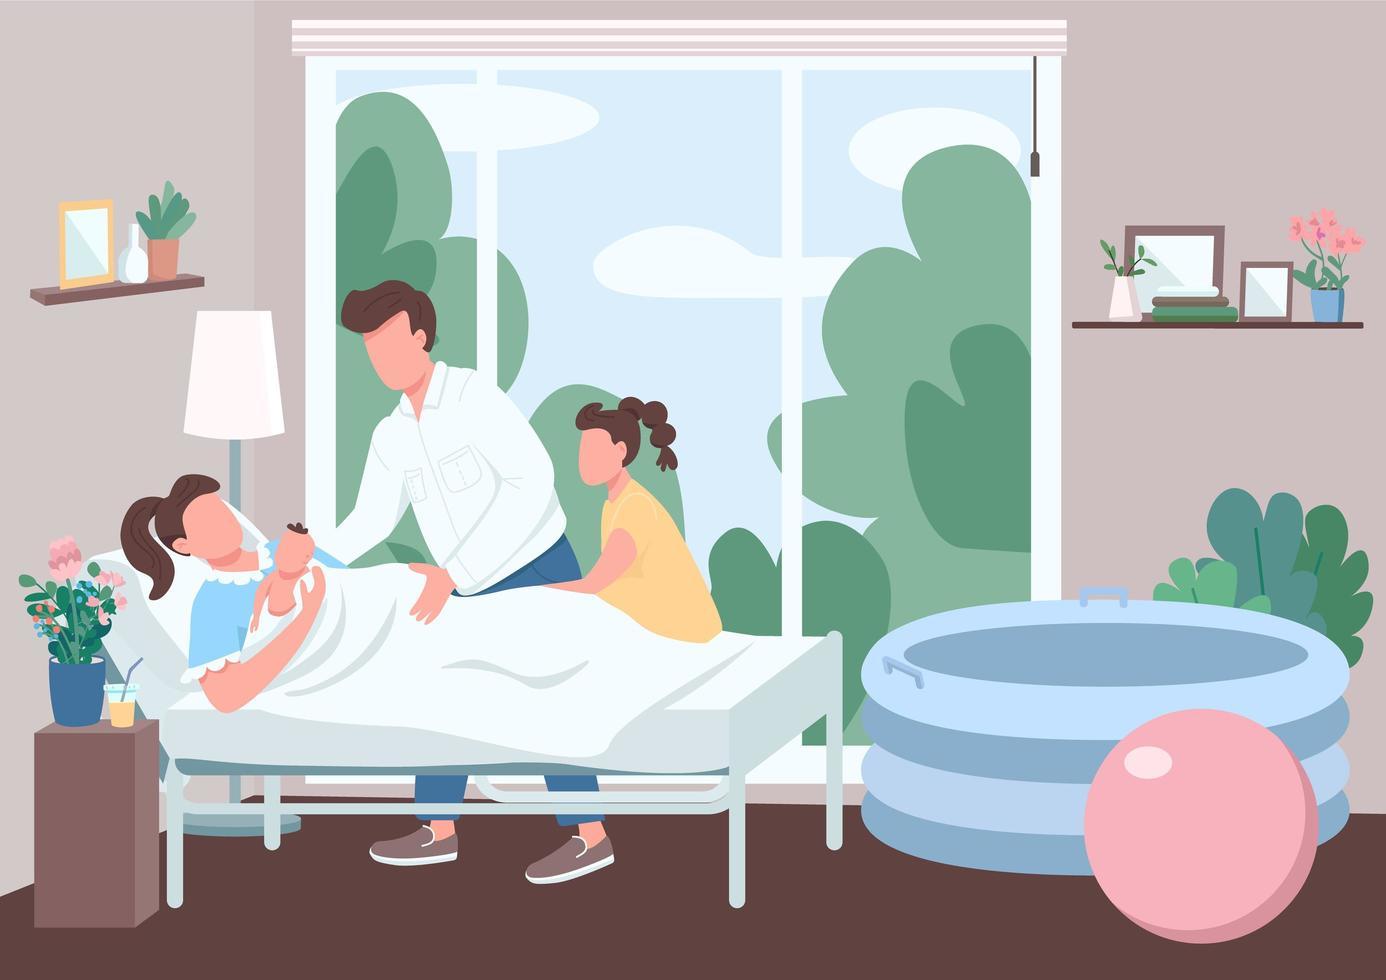 familjestöd för förlossning platt färg vektorillustration vektor